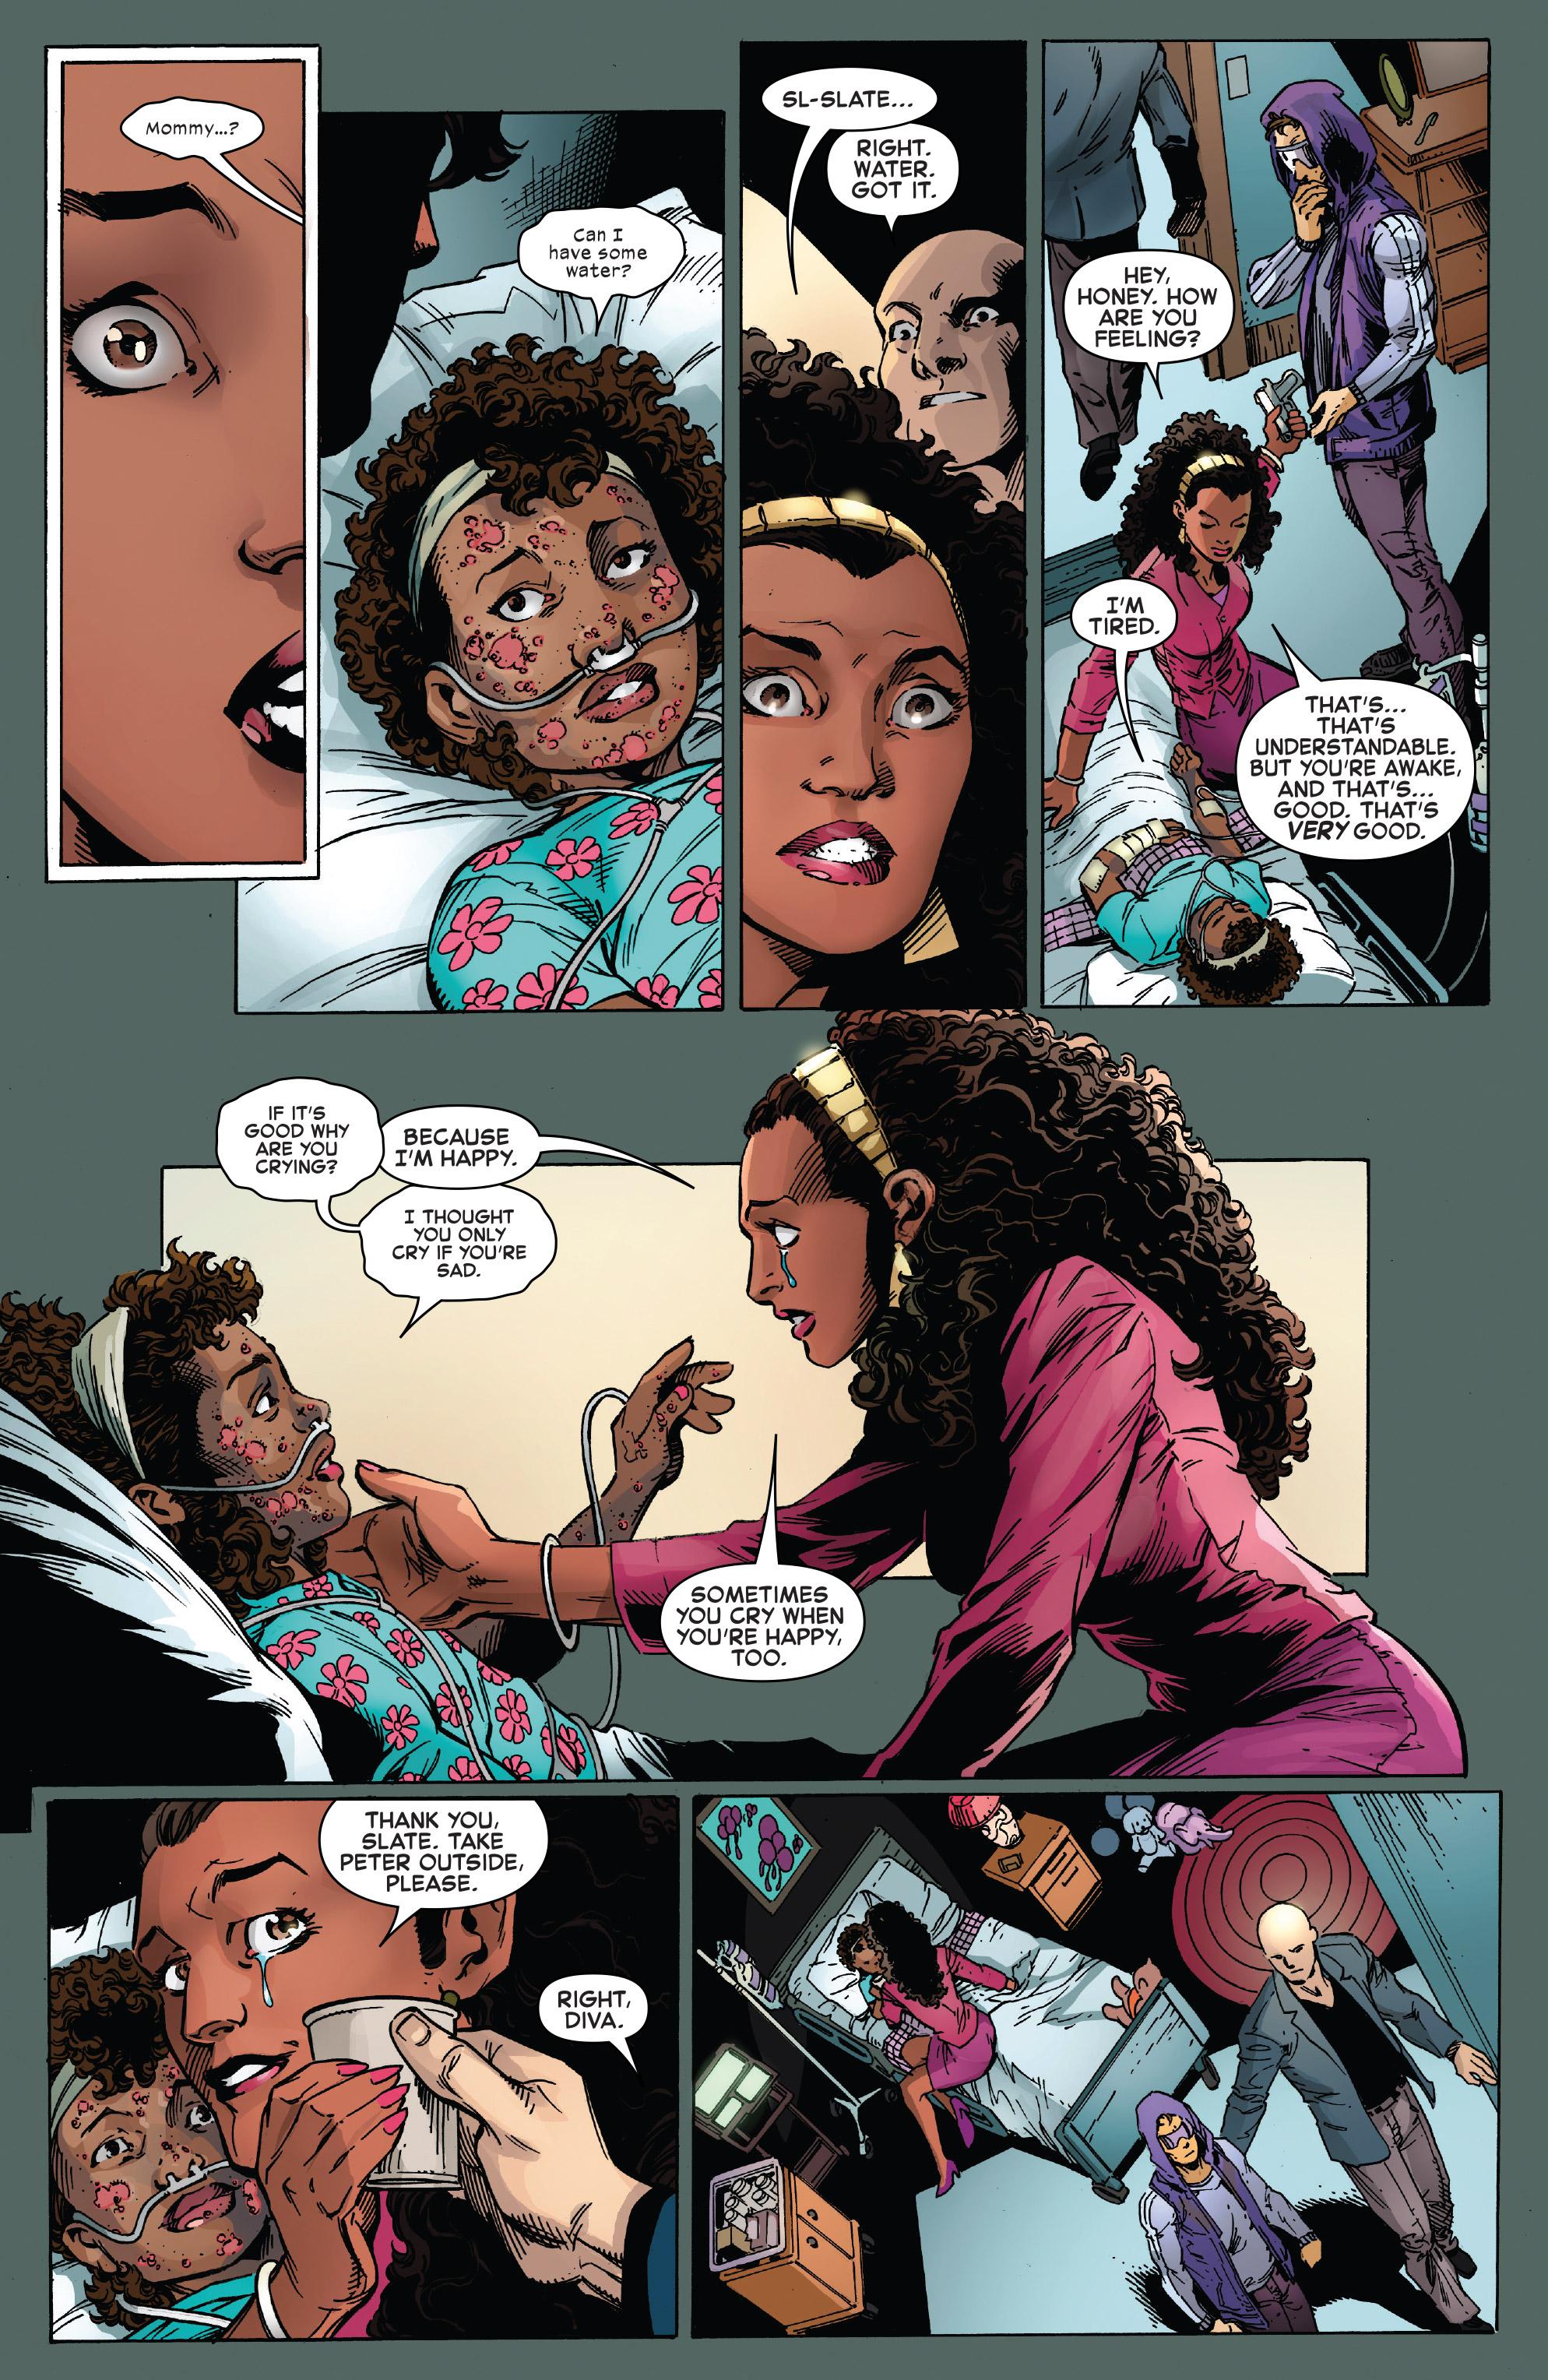 Read online Ben Reilly: Scarlet Spider comic -  Issue #2 - 13